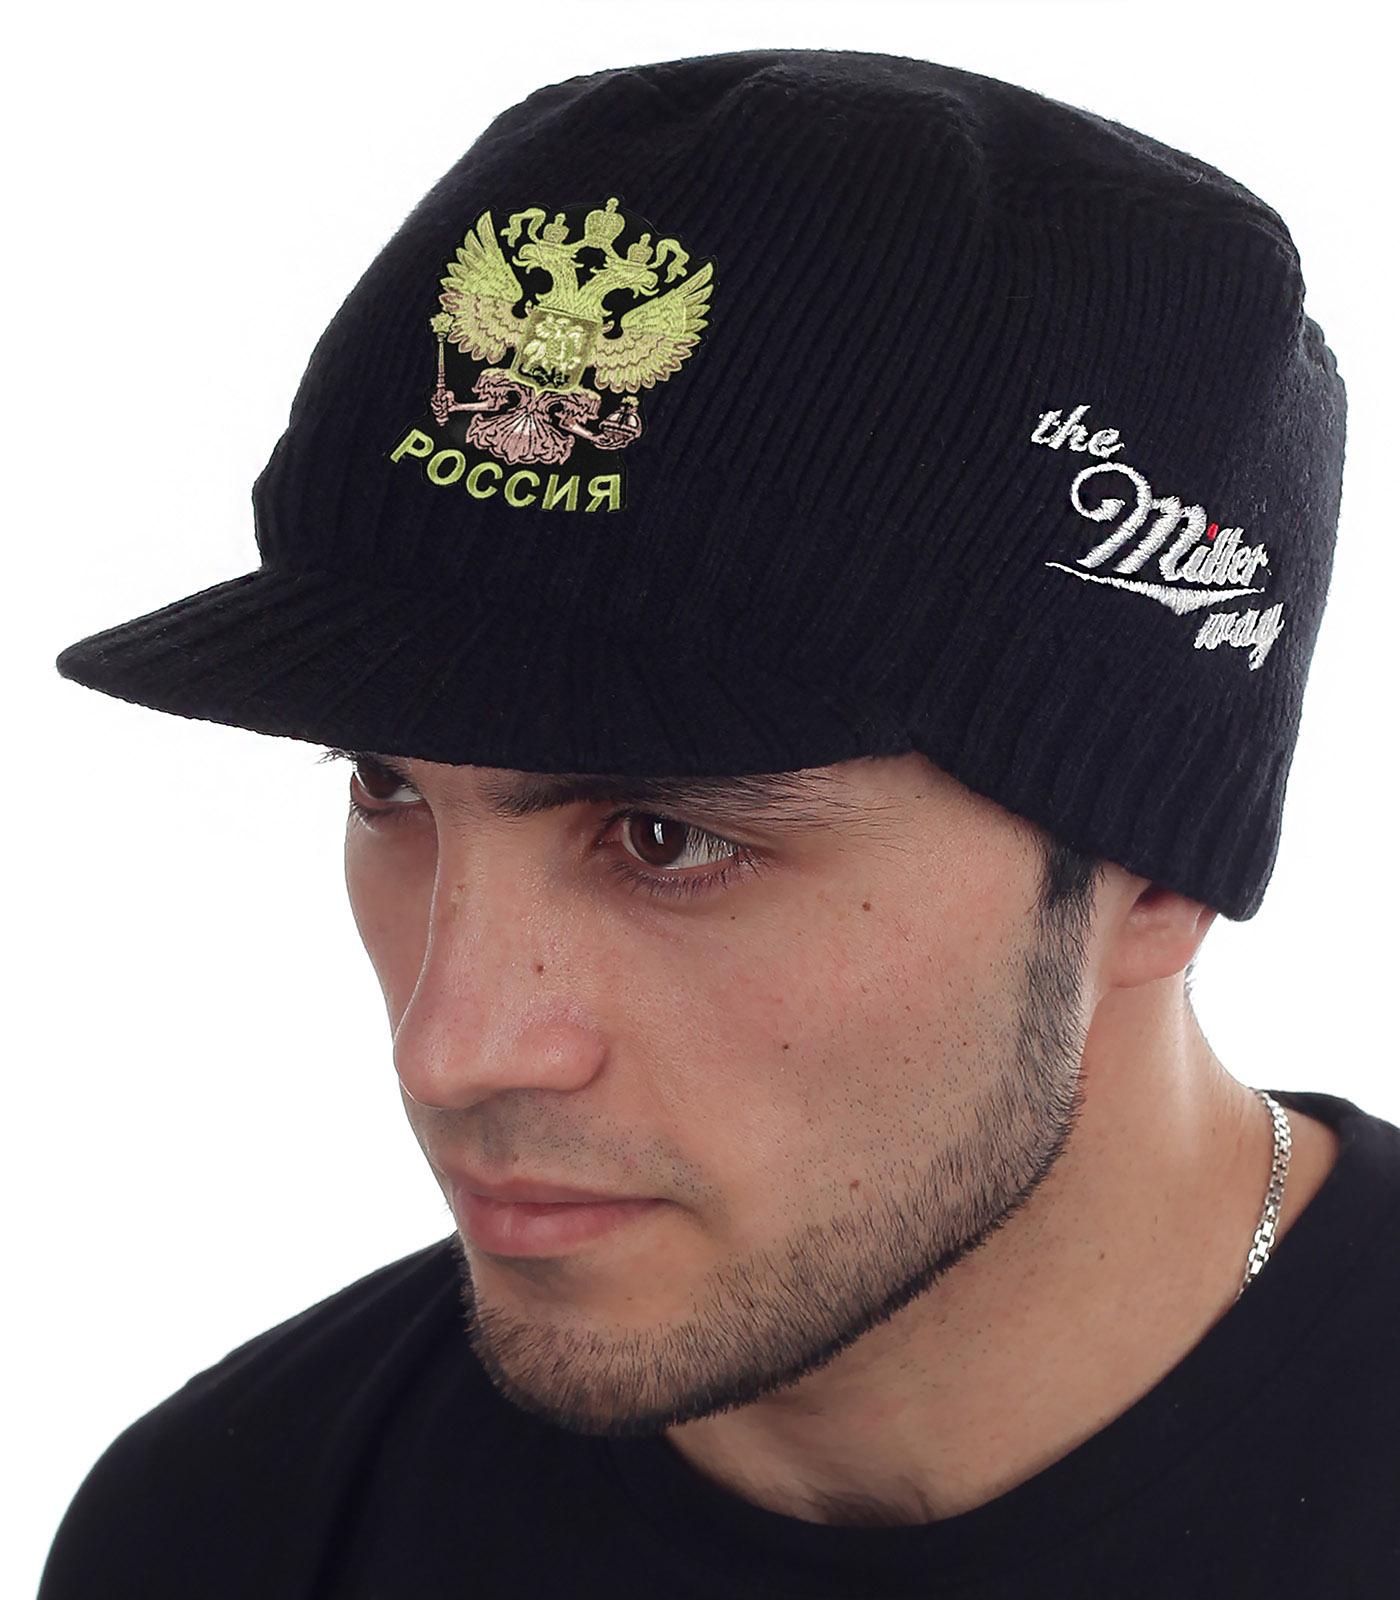 Оригинальная кепка-шапка Miller Way с нашивкой Герб России - заказать оптом